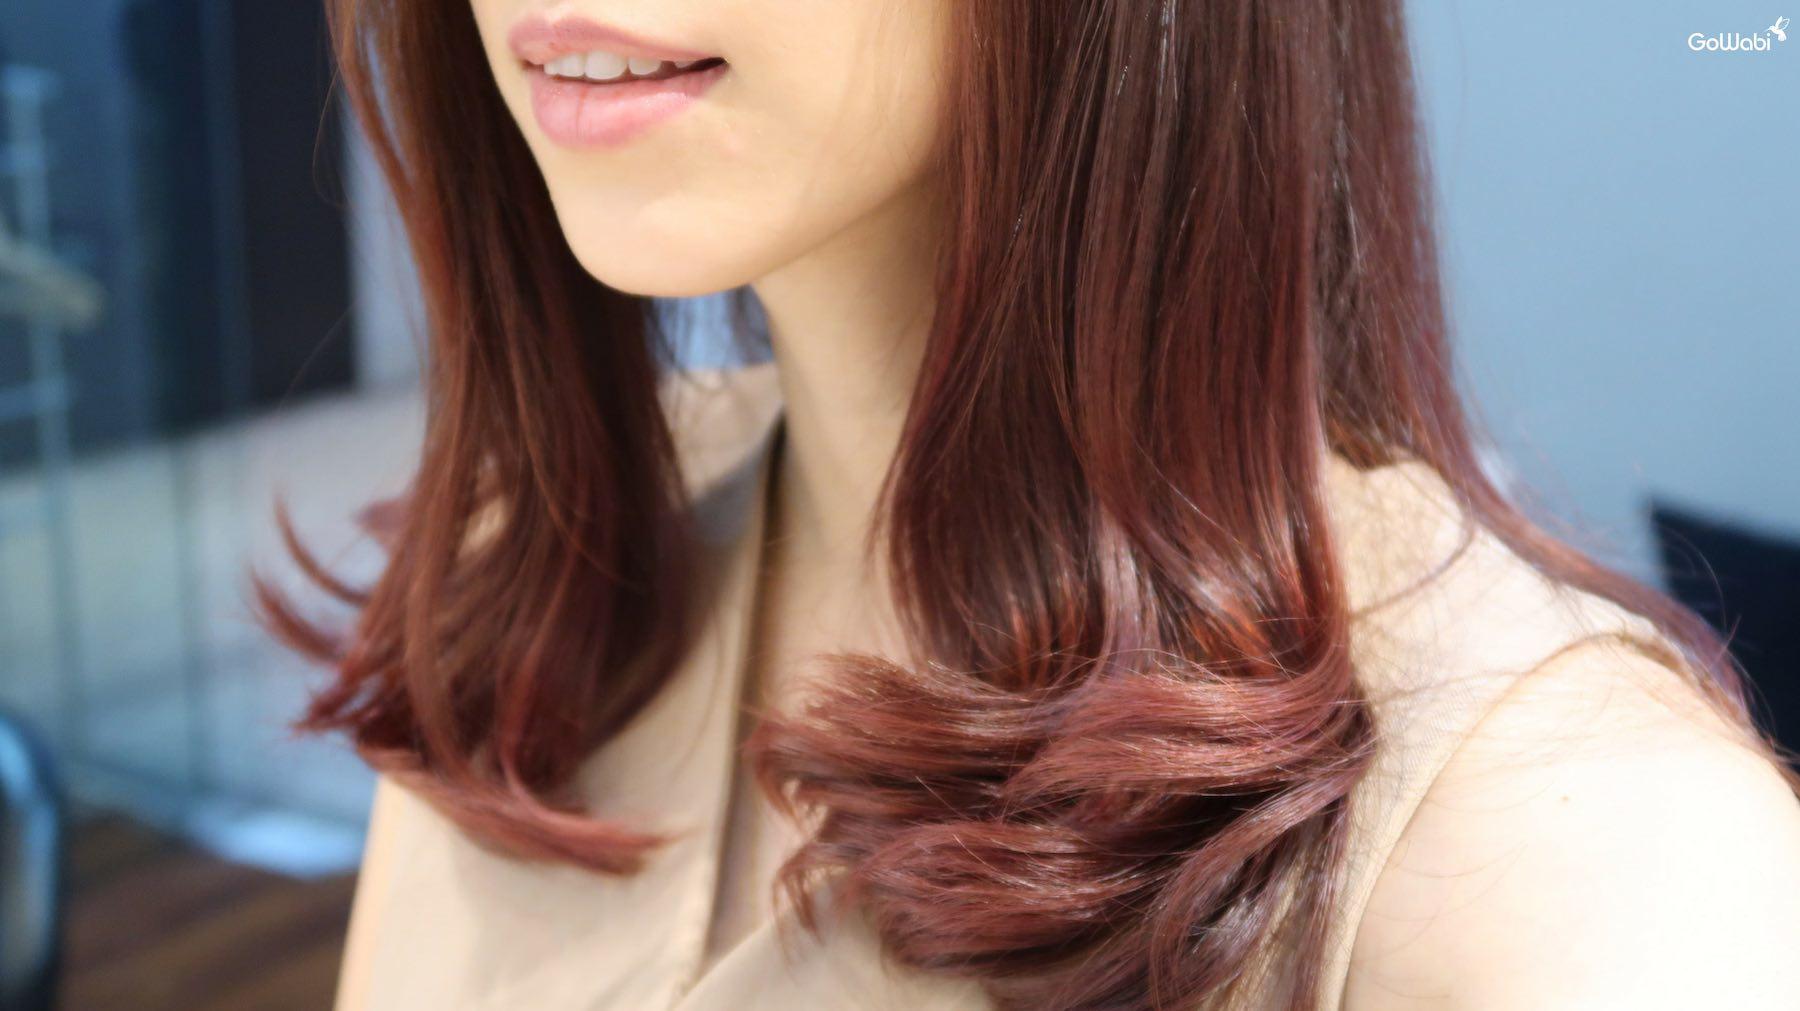 Hair_Atelier_Ador_hair_coloring_1